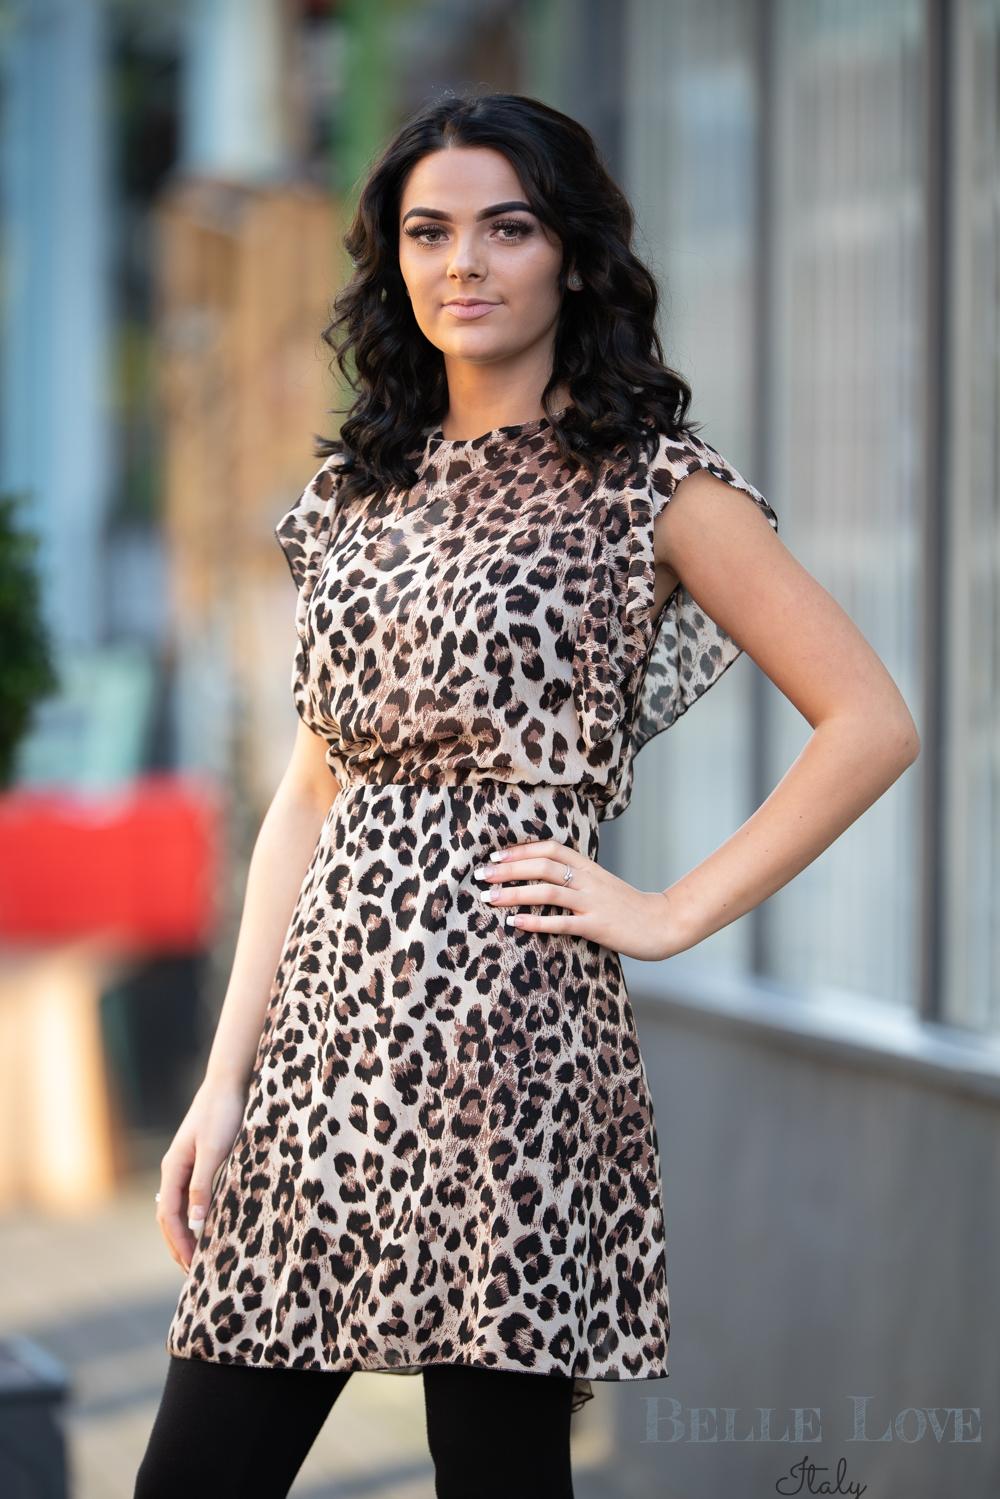 Belle Love Italy Ruffle Leopard Print Dress